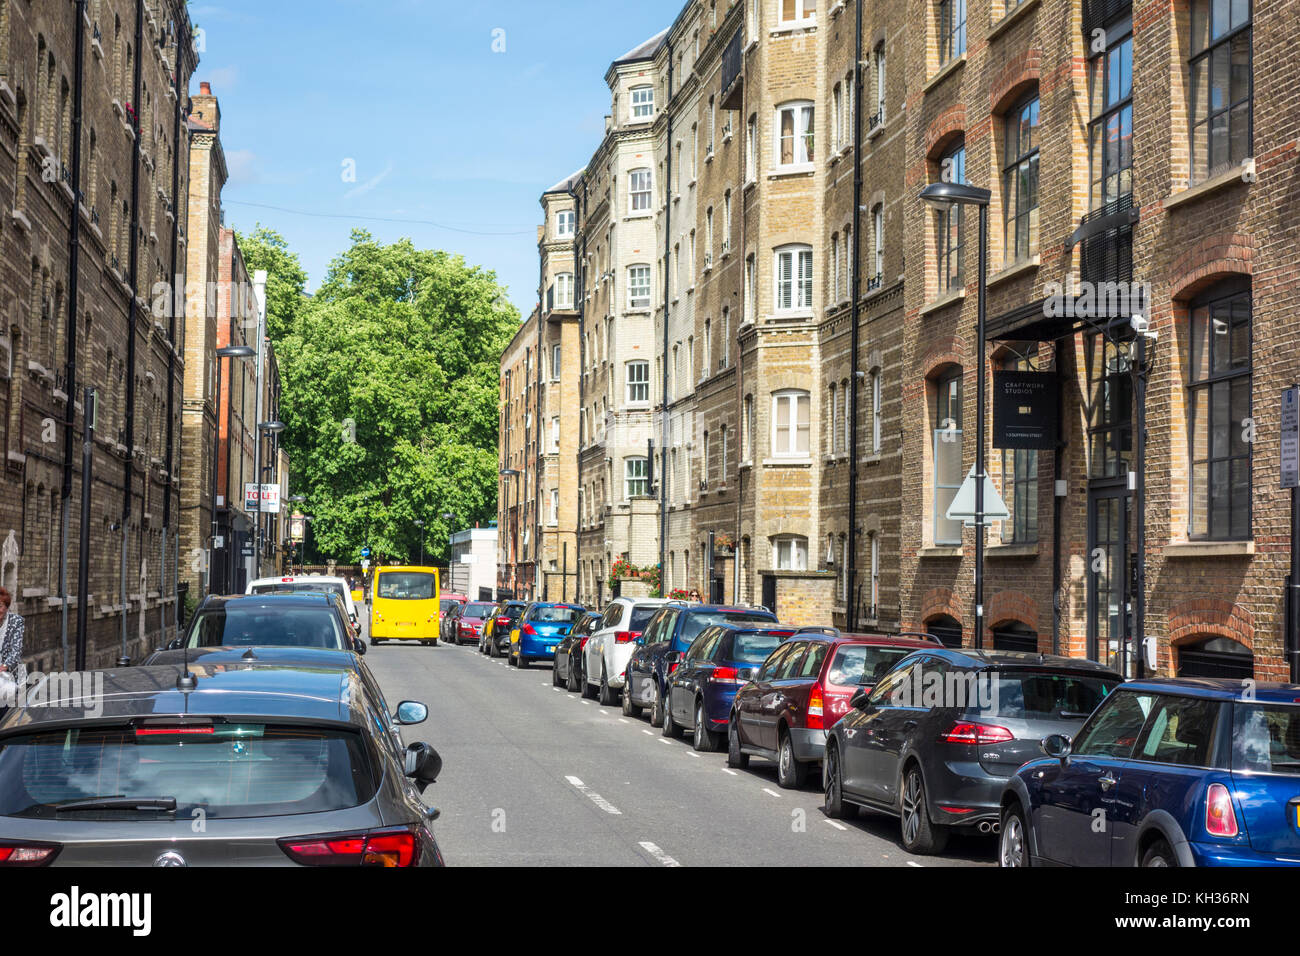 Voir des voitures garées sur la rue Dufferin, City of London, UK Photo Stock